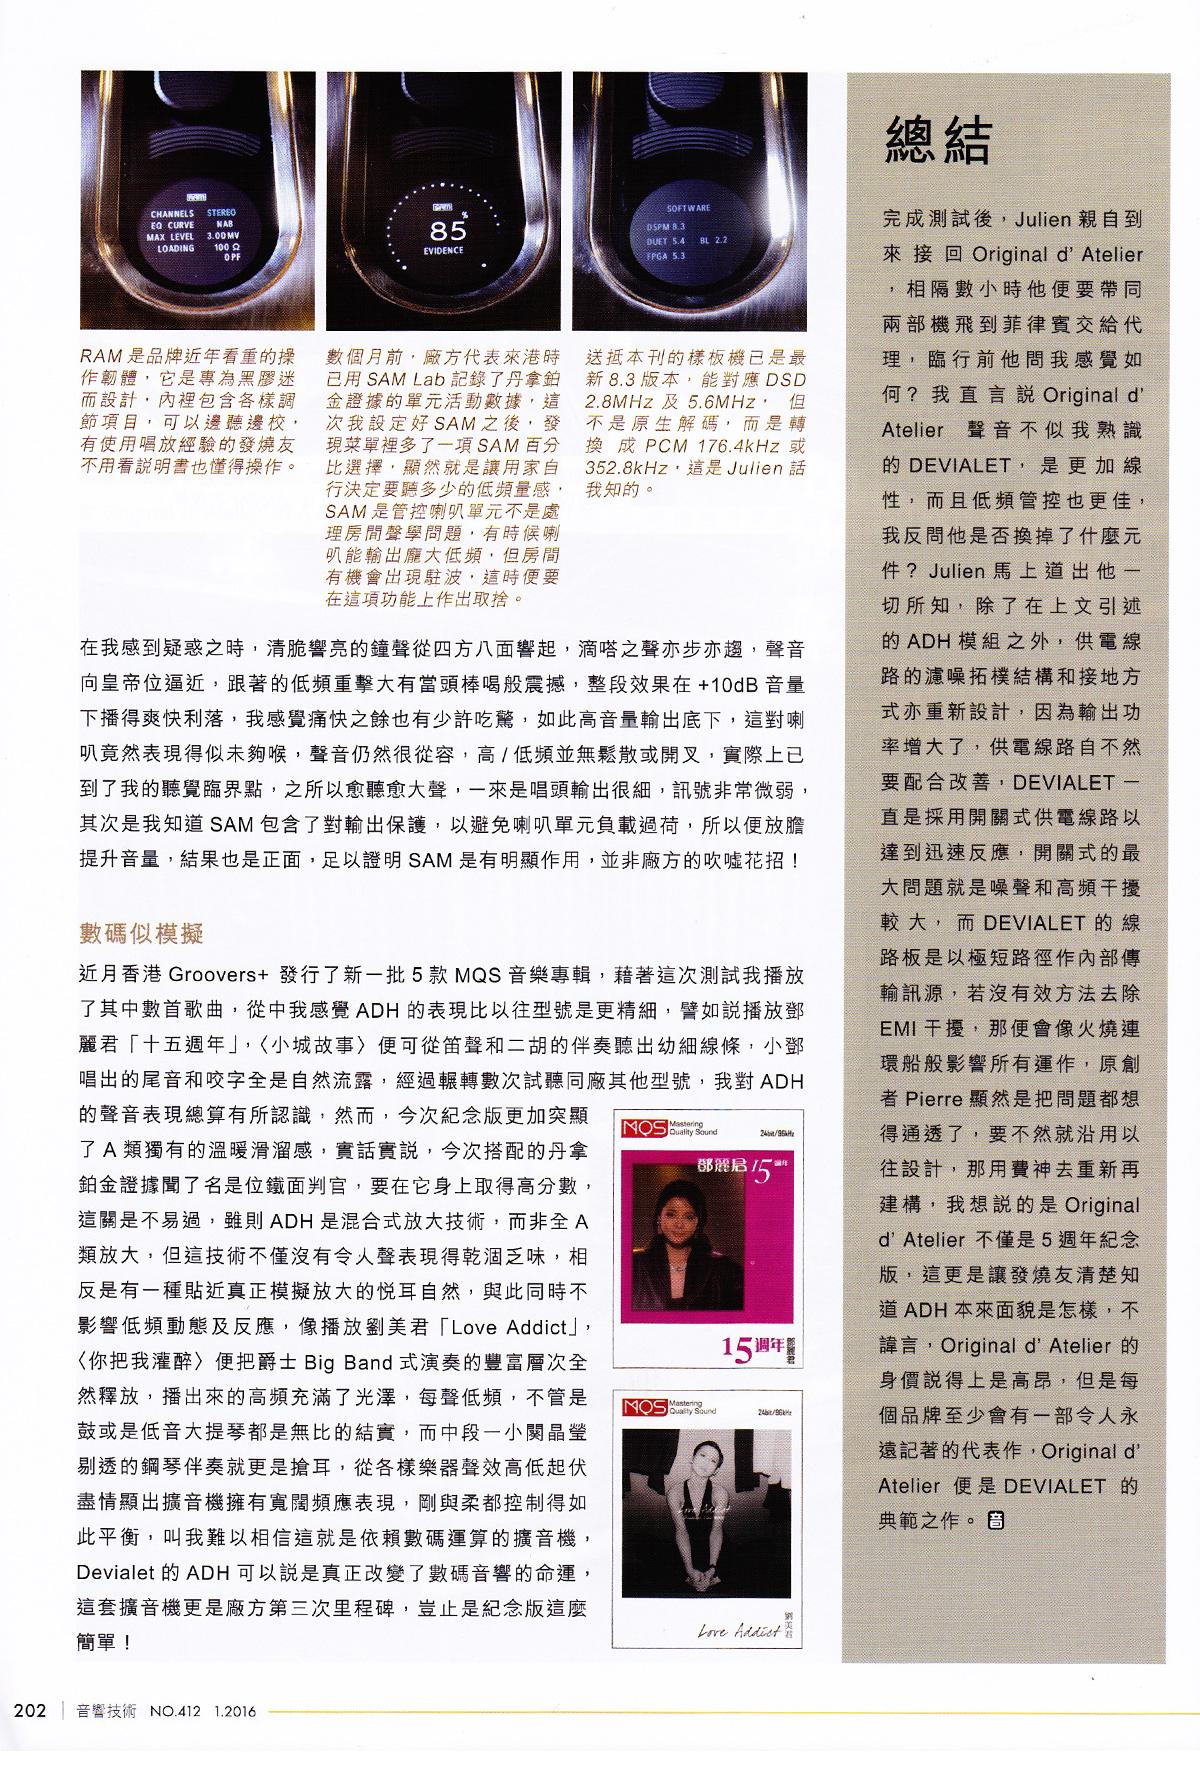 Devialet Original d'Atelier 音響技術 – Design w Sound